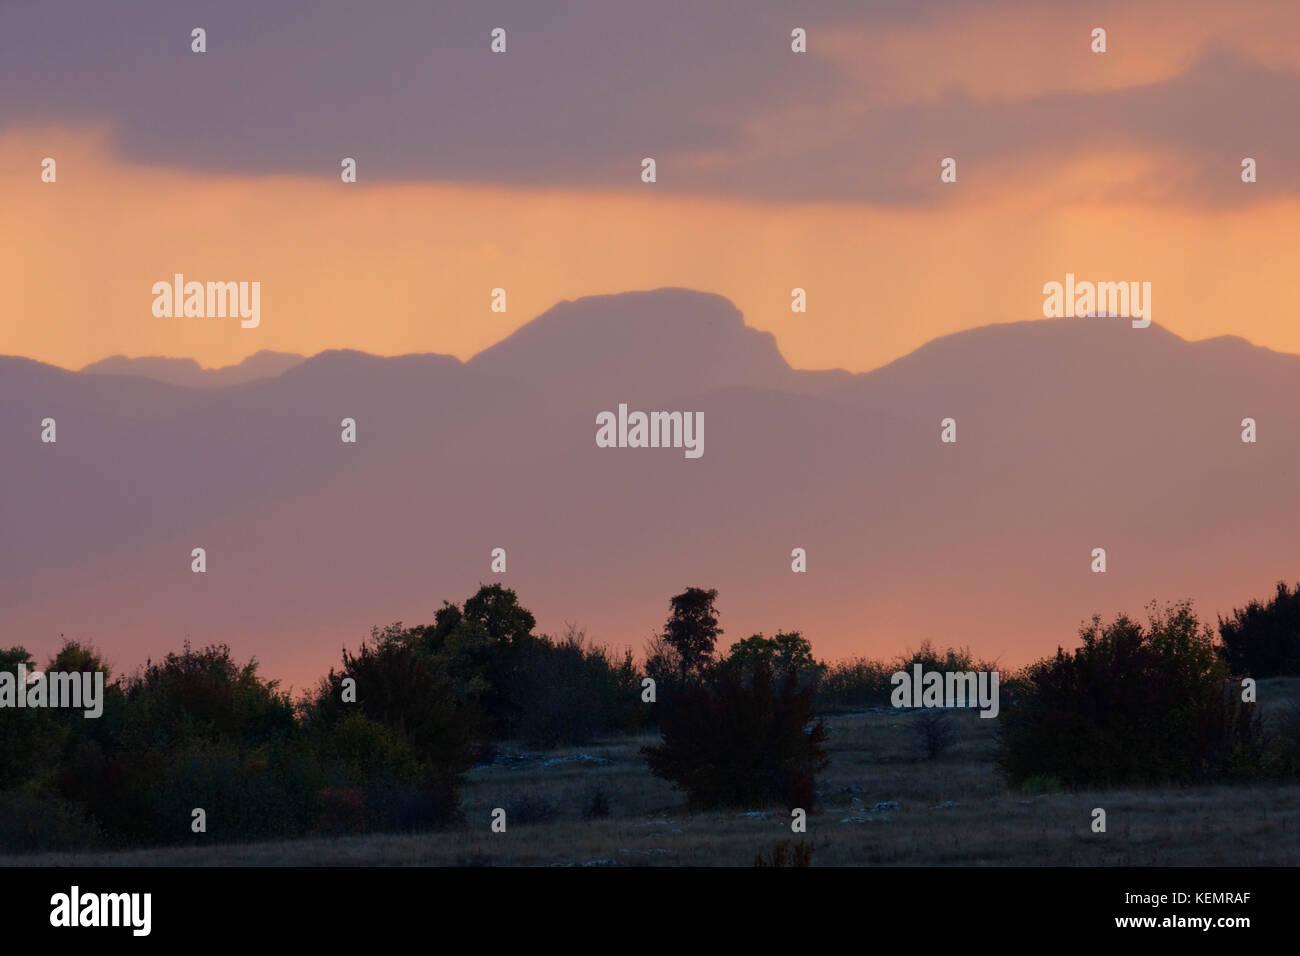 Sunset in Lika highland, Croatia - Stock Image